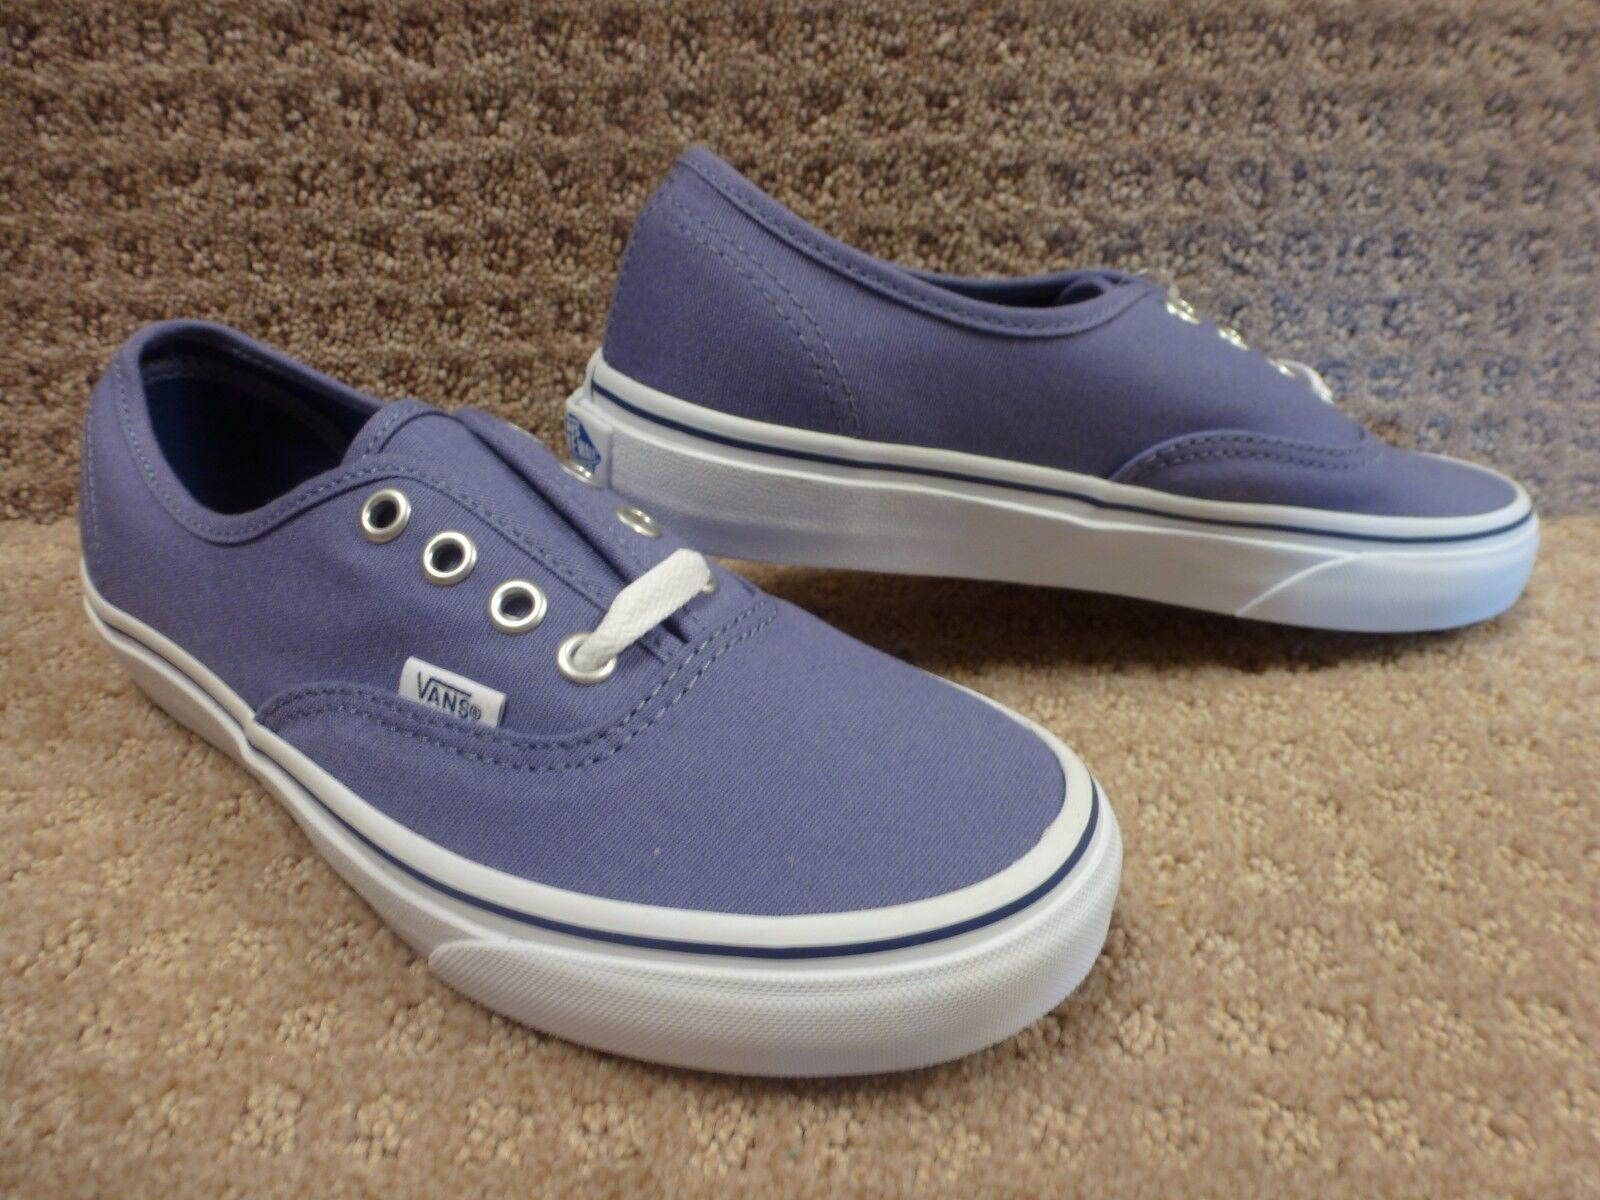 de80d8909e3 Men s shoes Heron True White Vans Authentic nzqqzz2789-Trainers